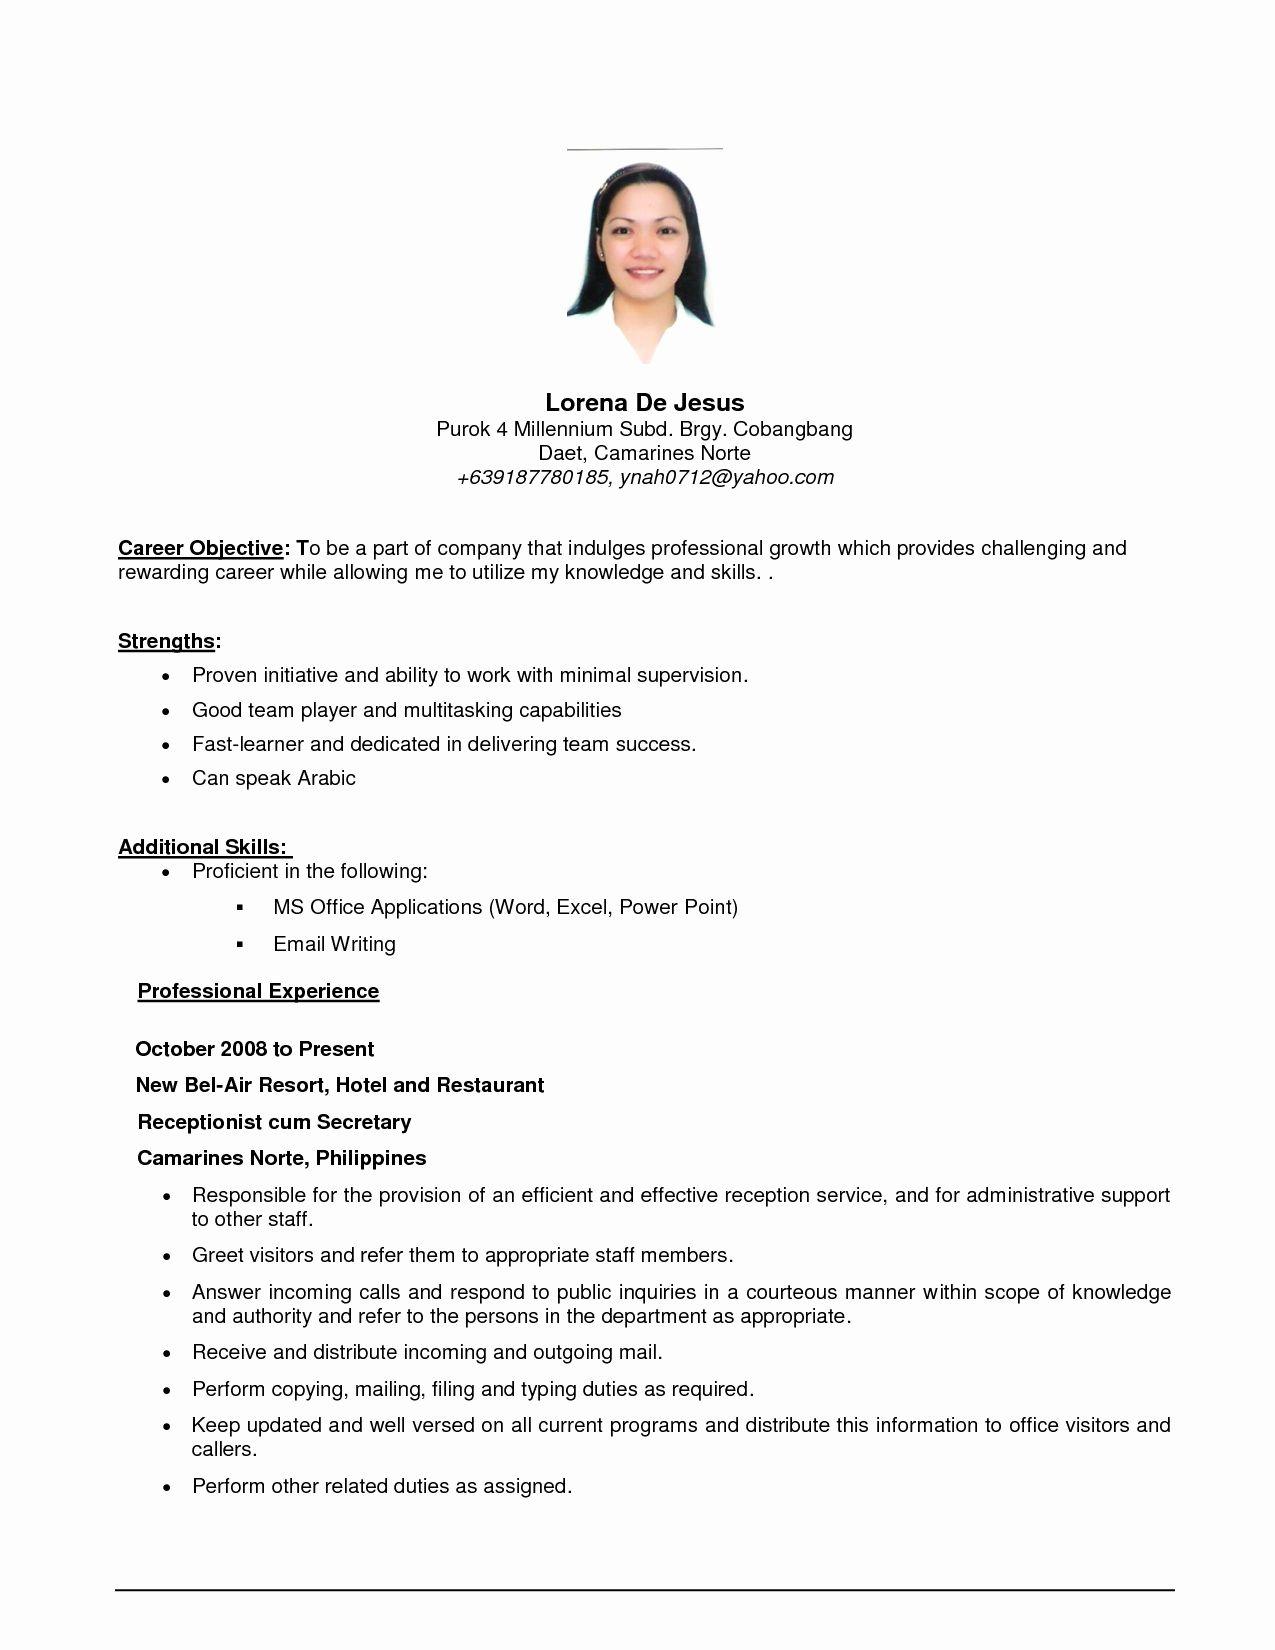 Basic Resume Examples for Part Time Jobs Elegant Job